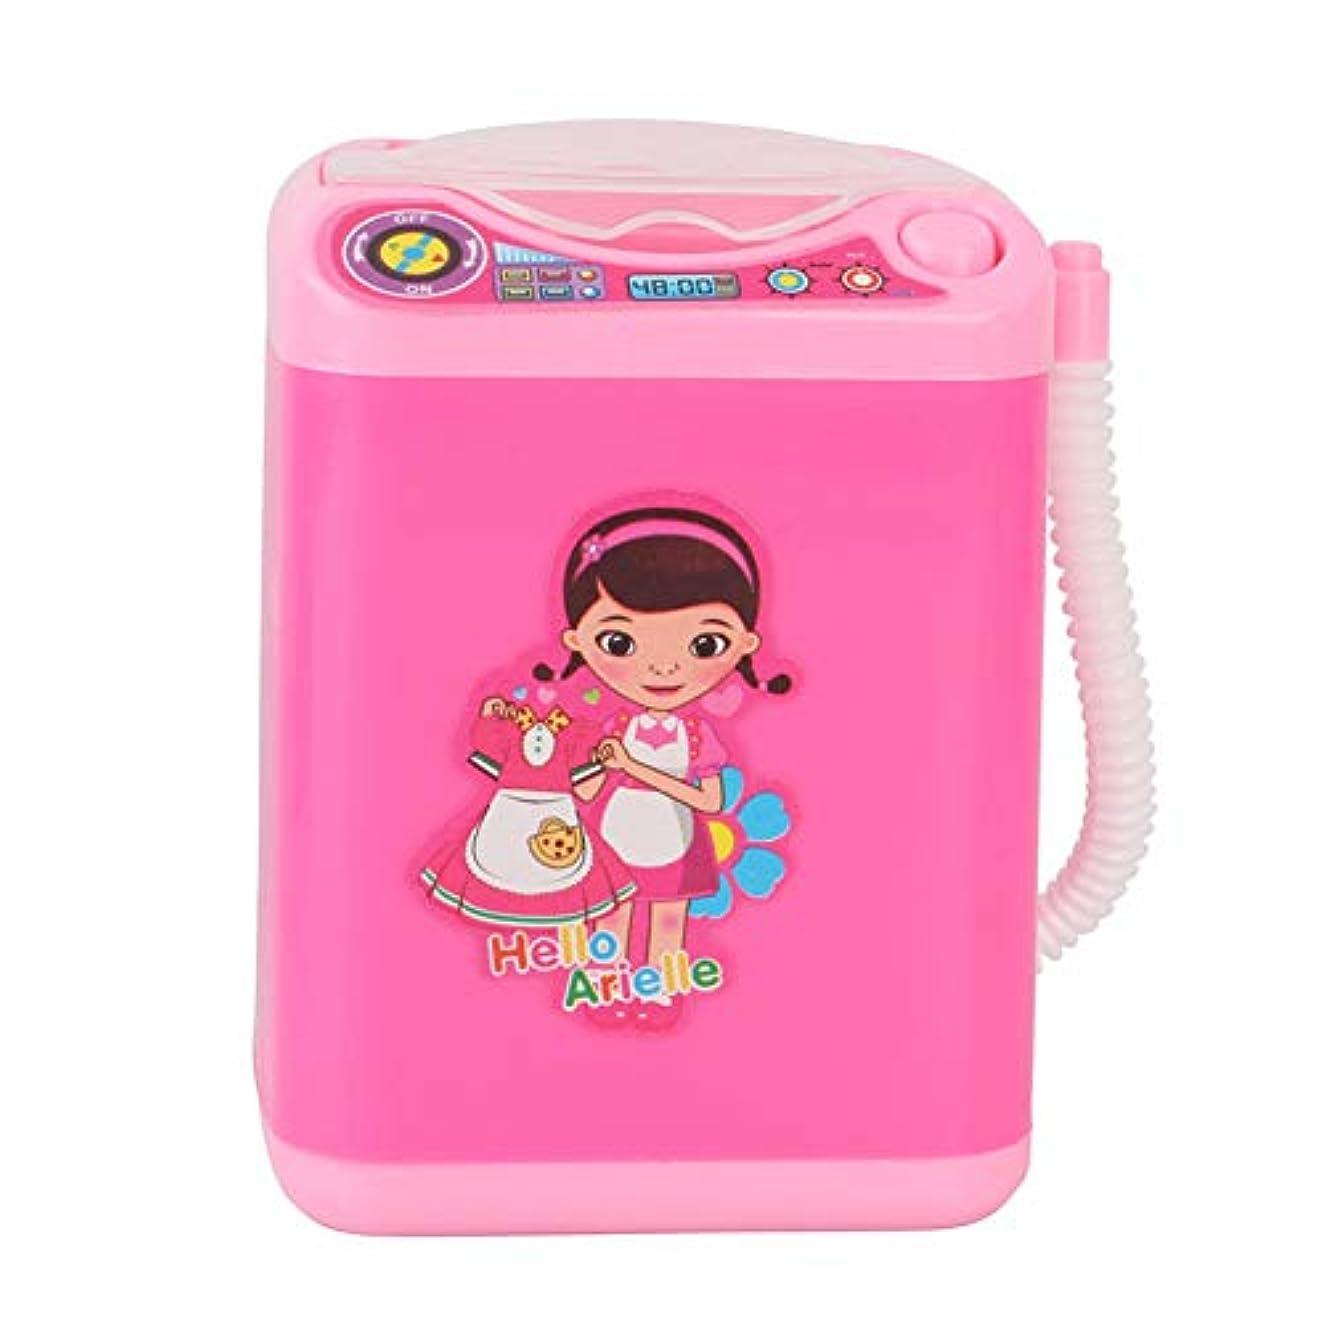 ツーリスト構成するボランティアArvolno 電動メイクブラシクリーナー 化粧ブラシ洗浄器 スポンジ パフ 自動洗浄 電池式 ミニ洗濯機 携帯便利 旅行 DIY 可愛い ピンク 人気 子供のおもちゃとしても大歓迎